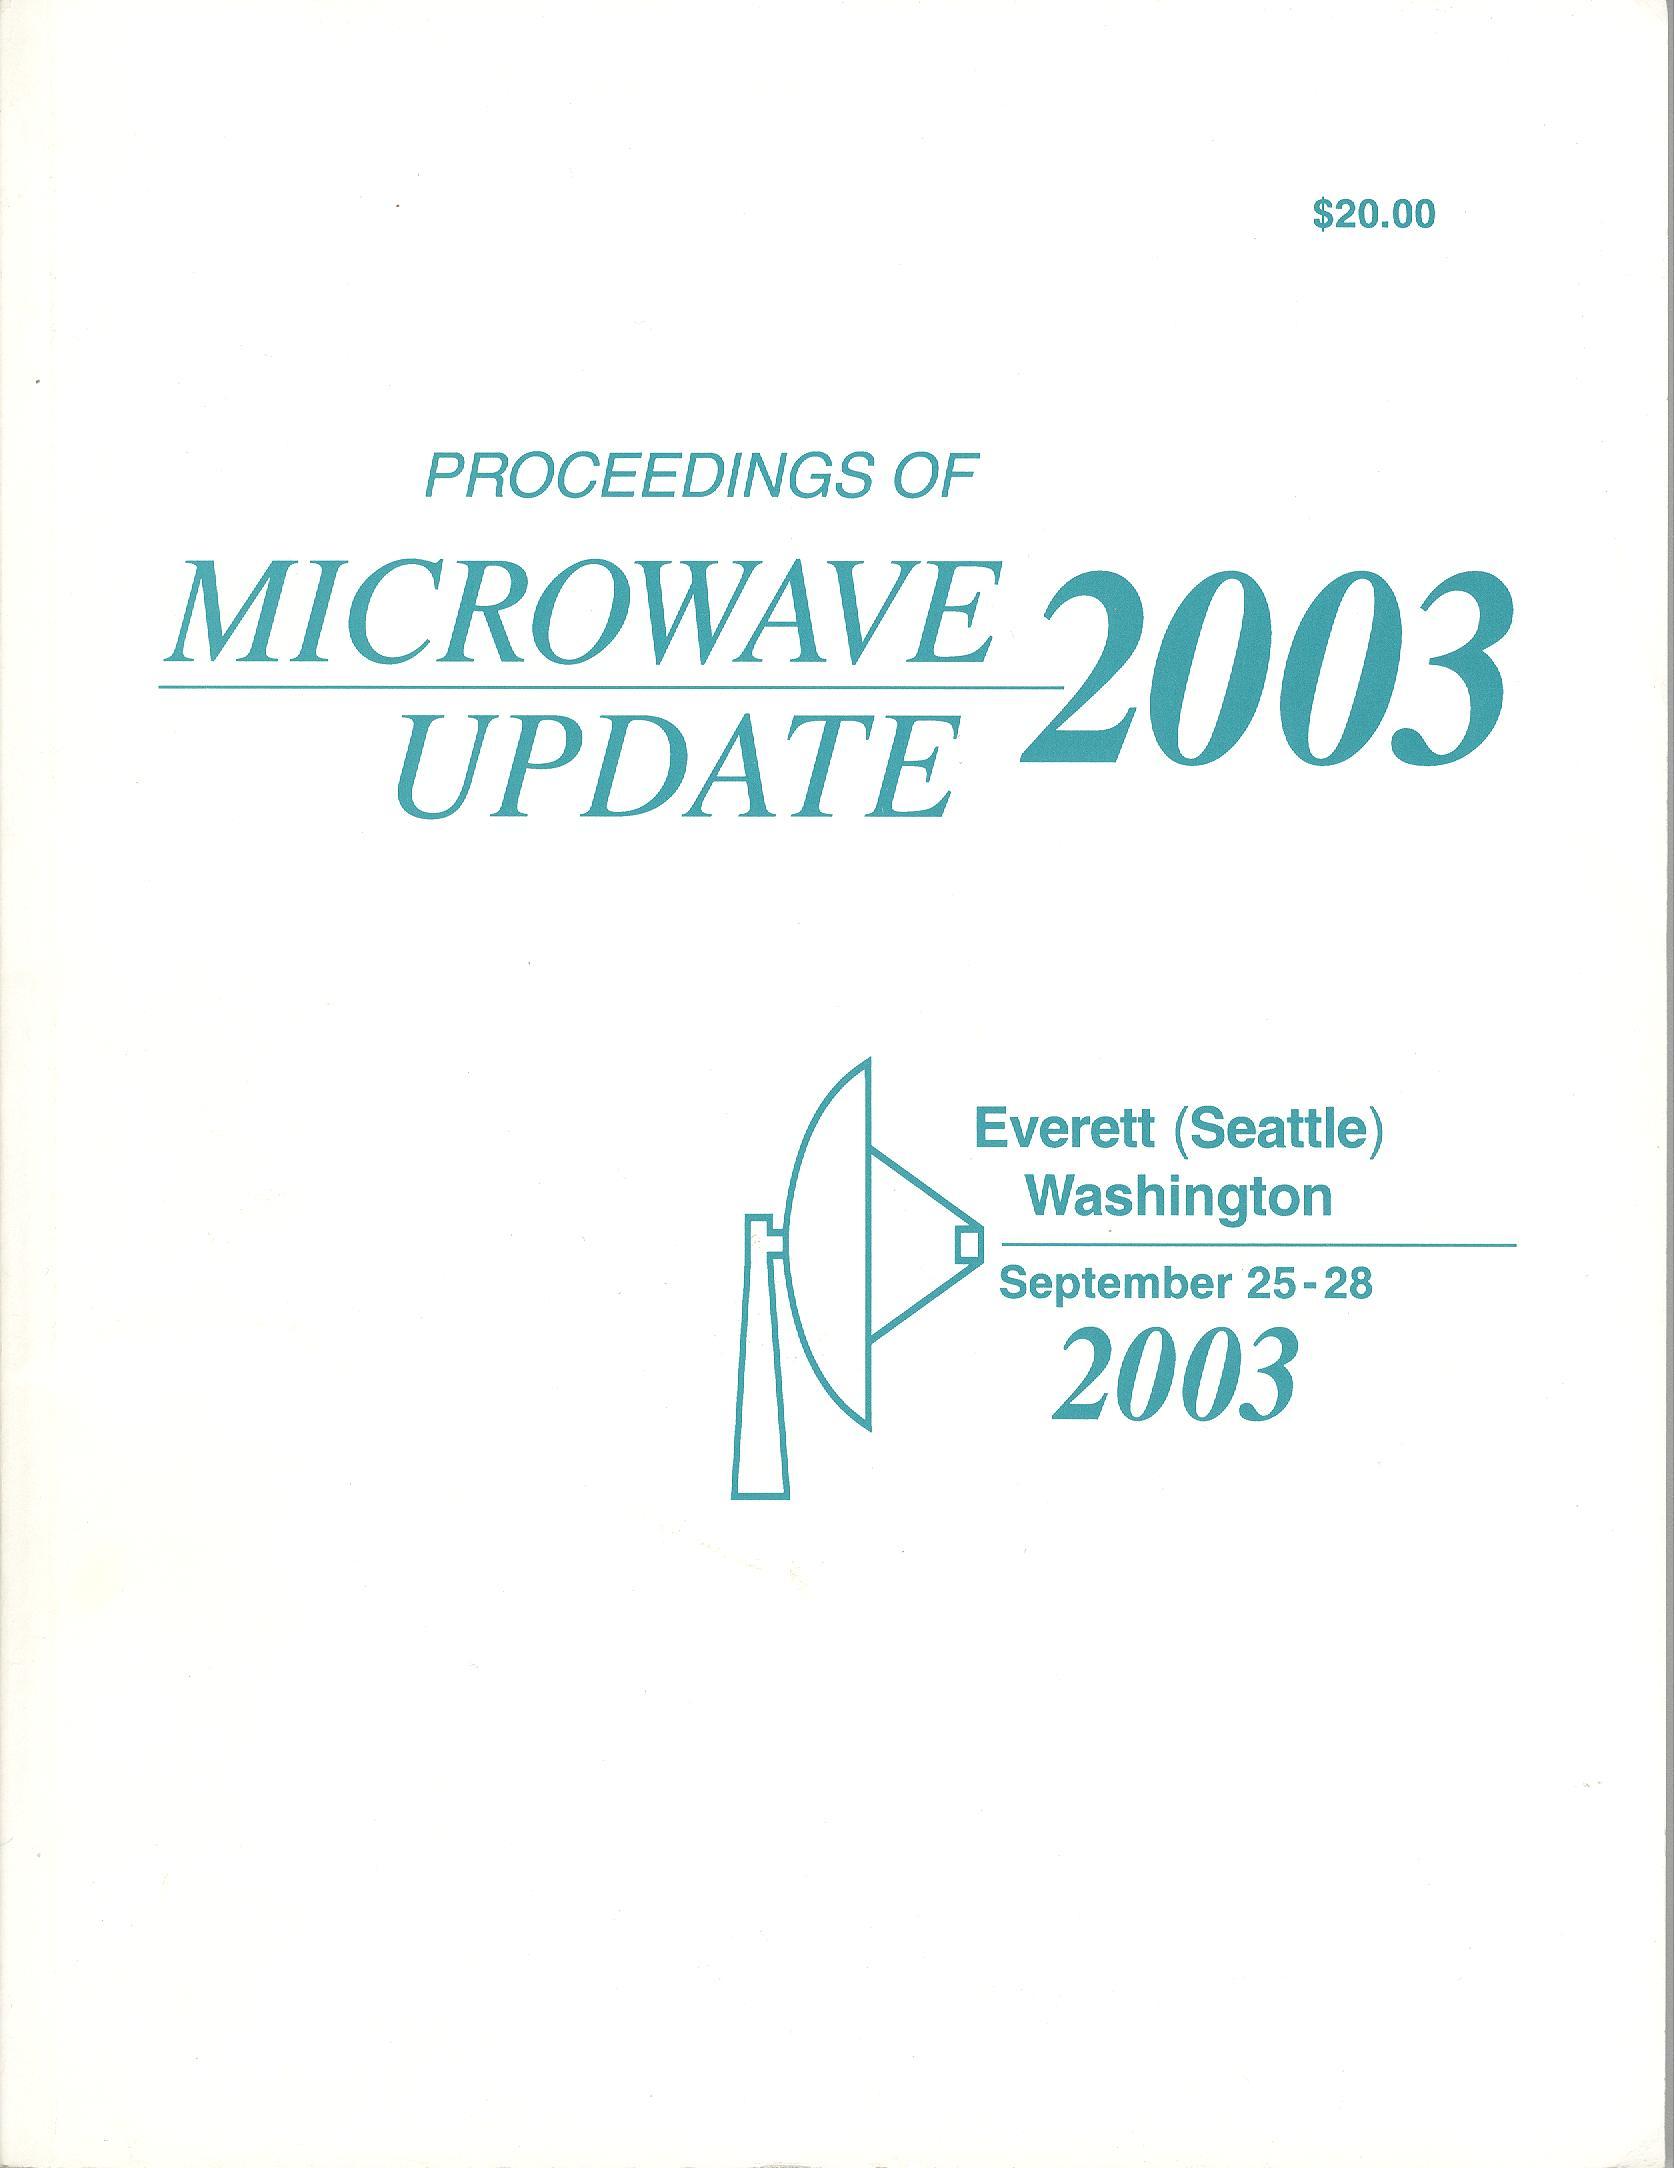 Proceedings of Microwave Update 2003